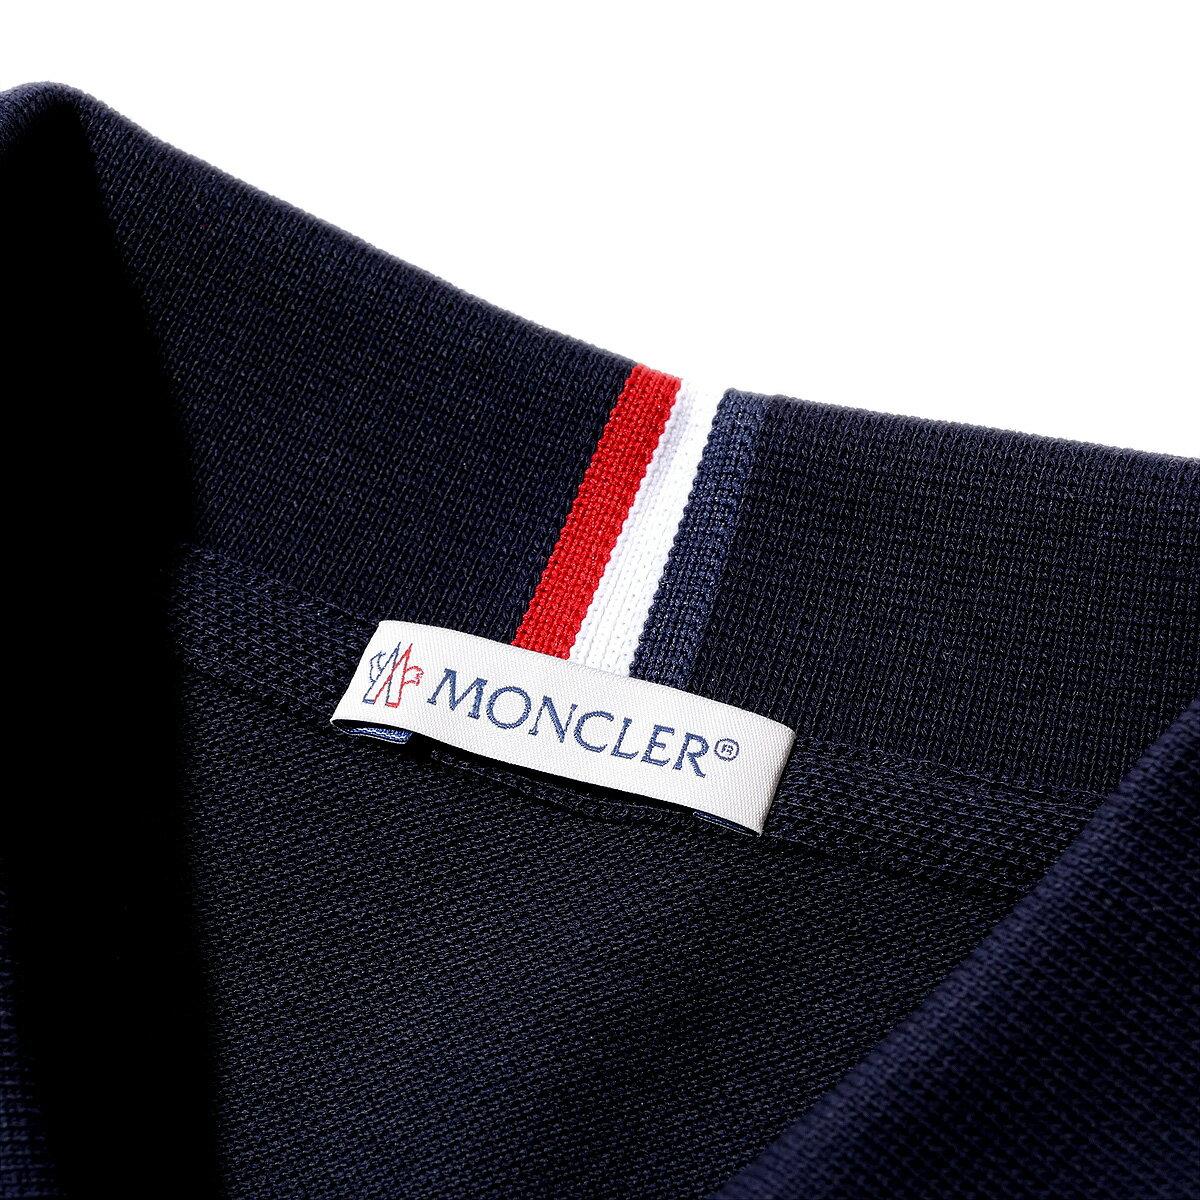 モンクレール2018AW  鹿の子 ポロシャツ83062 773ネイビー メンズ【トップス ポロシャツ 半袖 クールビズ おしゃれ  メンズ 】MONCLER